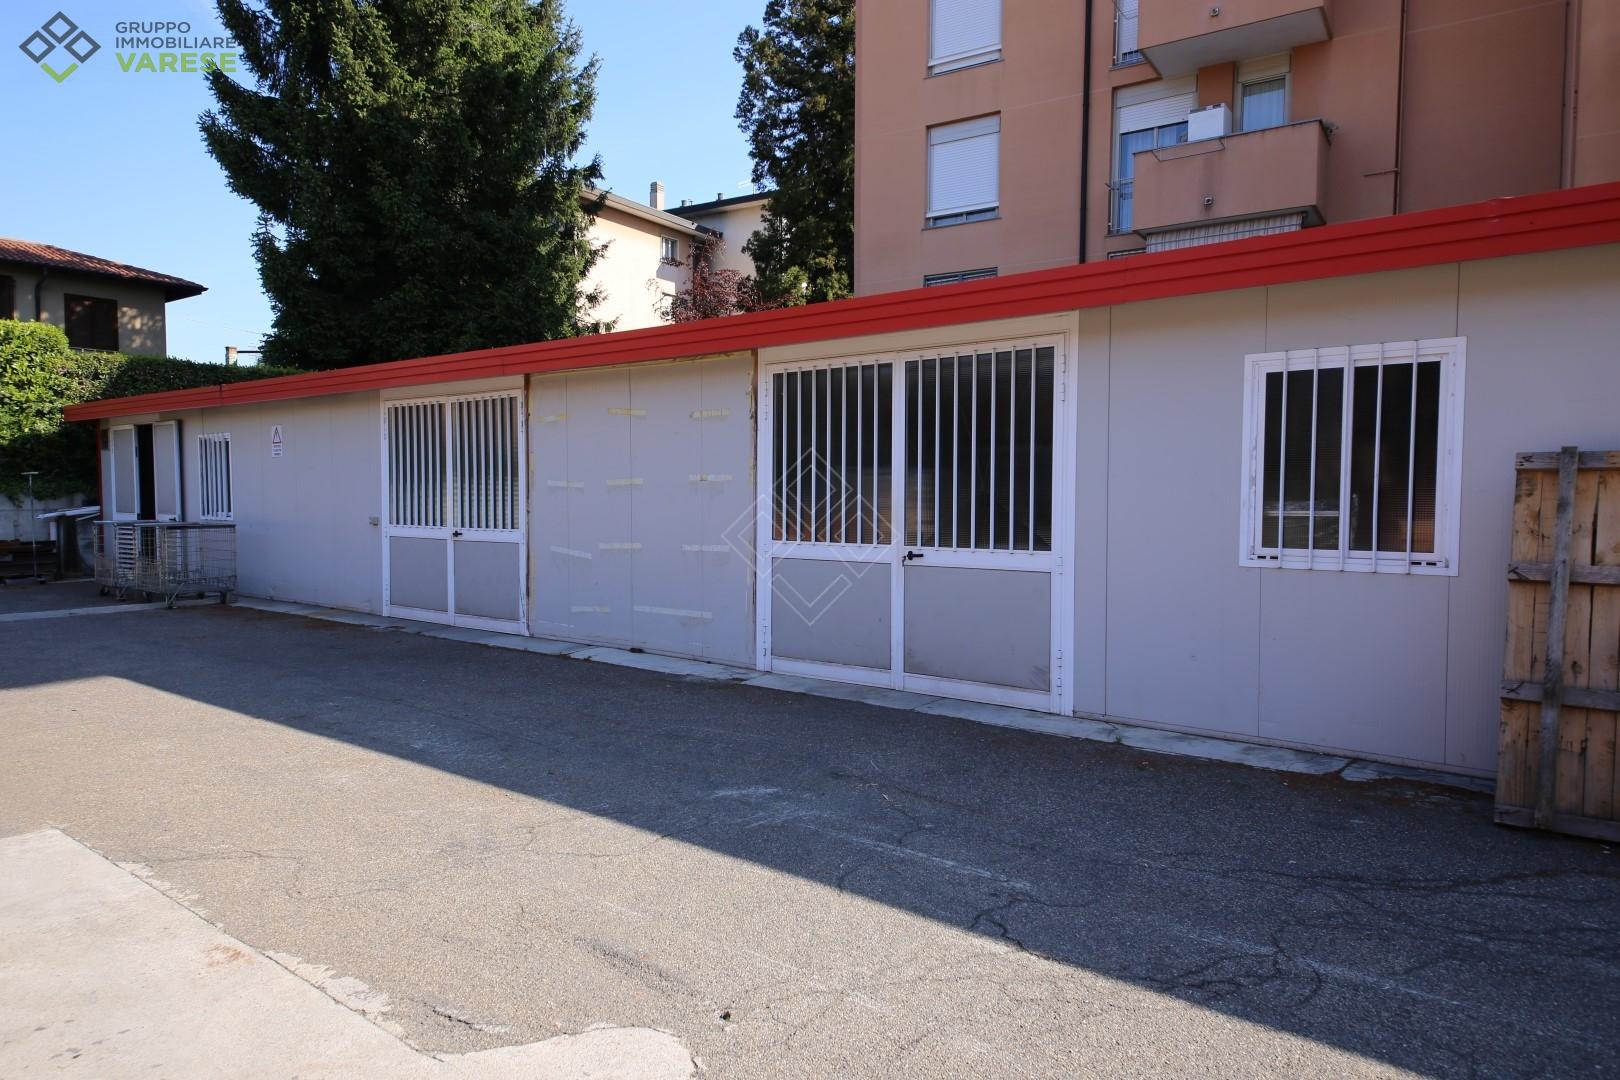 Capannone in affitto a Varese, 9999 locali, zona Zona: Giubiano, prezzo € 8.000 | CambioCasa.it